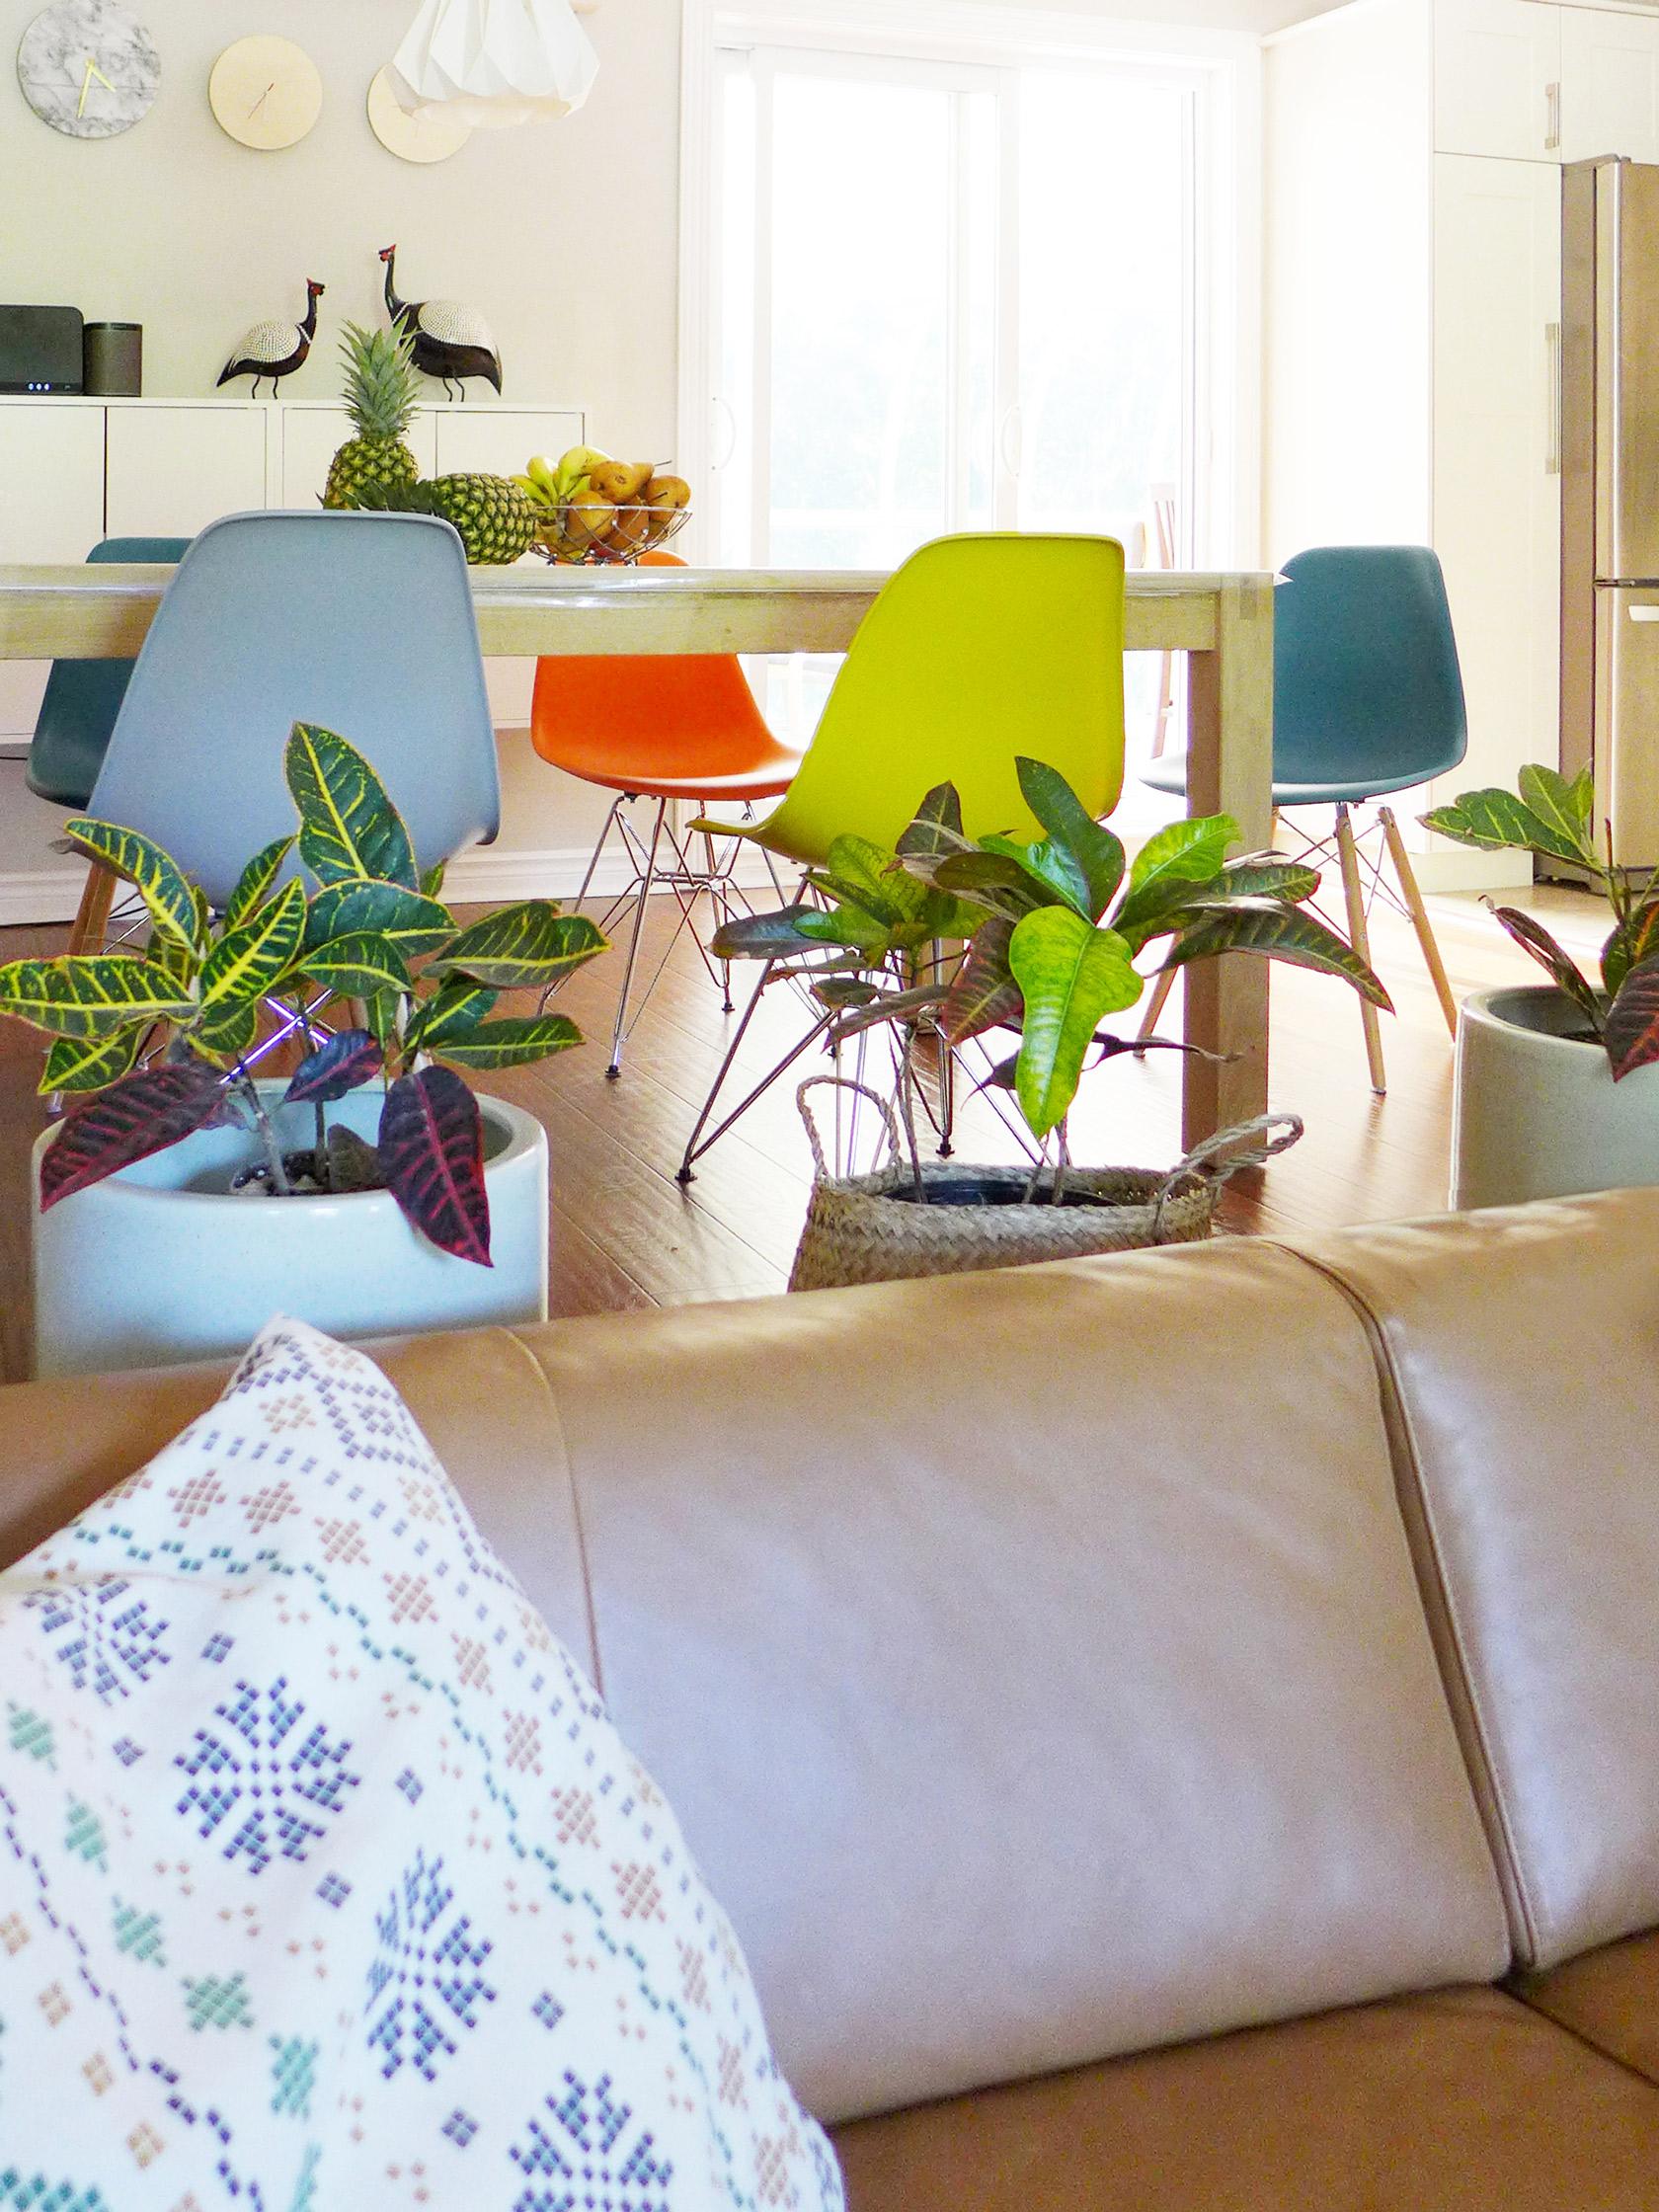 Réalisation du studio d'architecture et de décoration Skéa Designer. Velouté. Derrière le canapé, la salle à manger, sa table en bois, ses chaises multicolores et ses plantes.